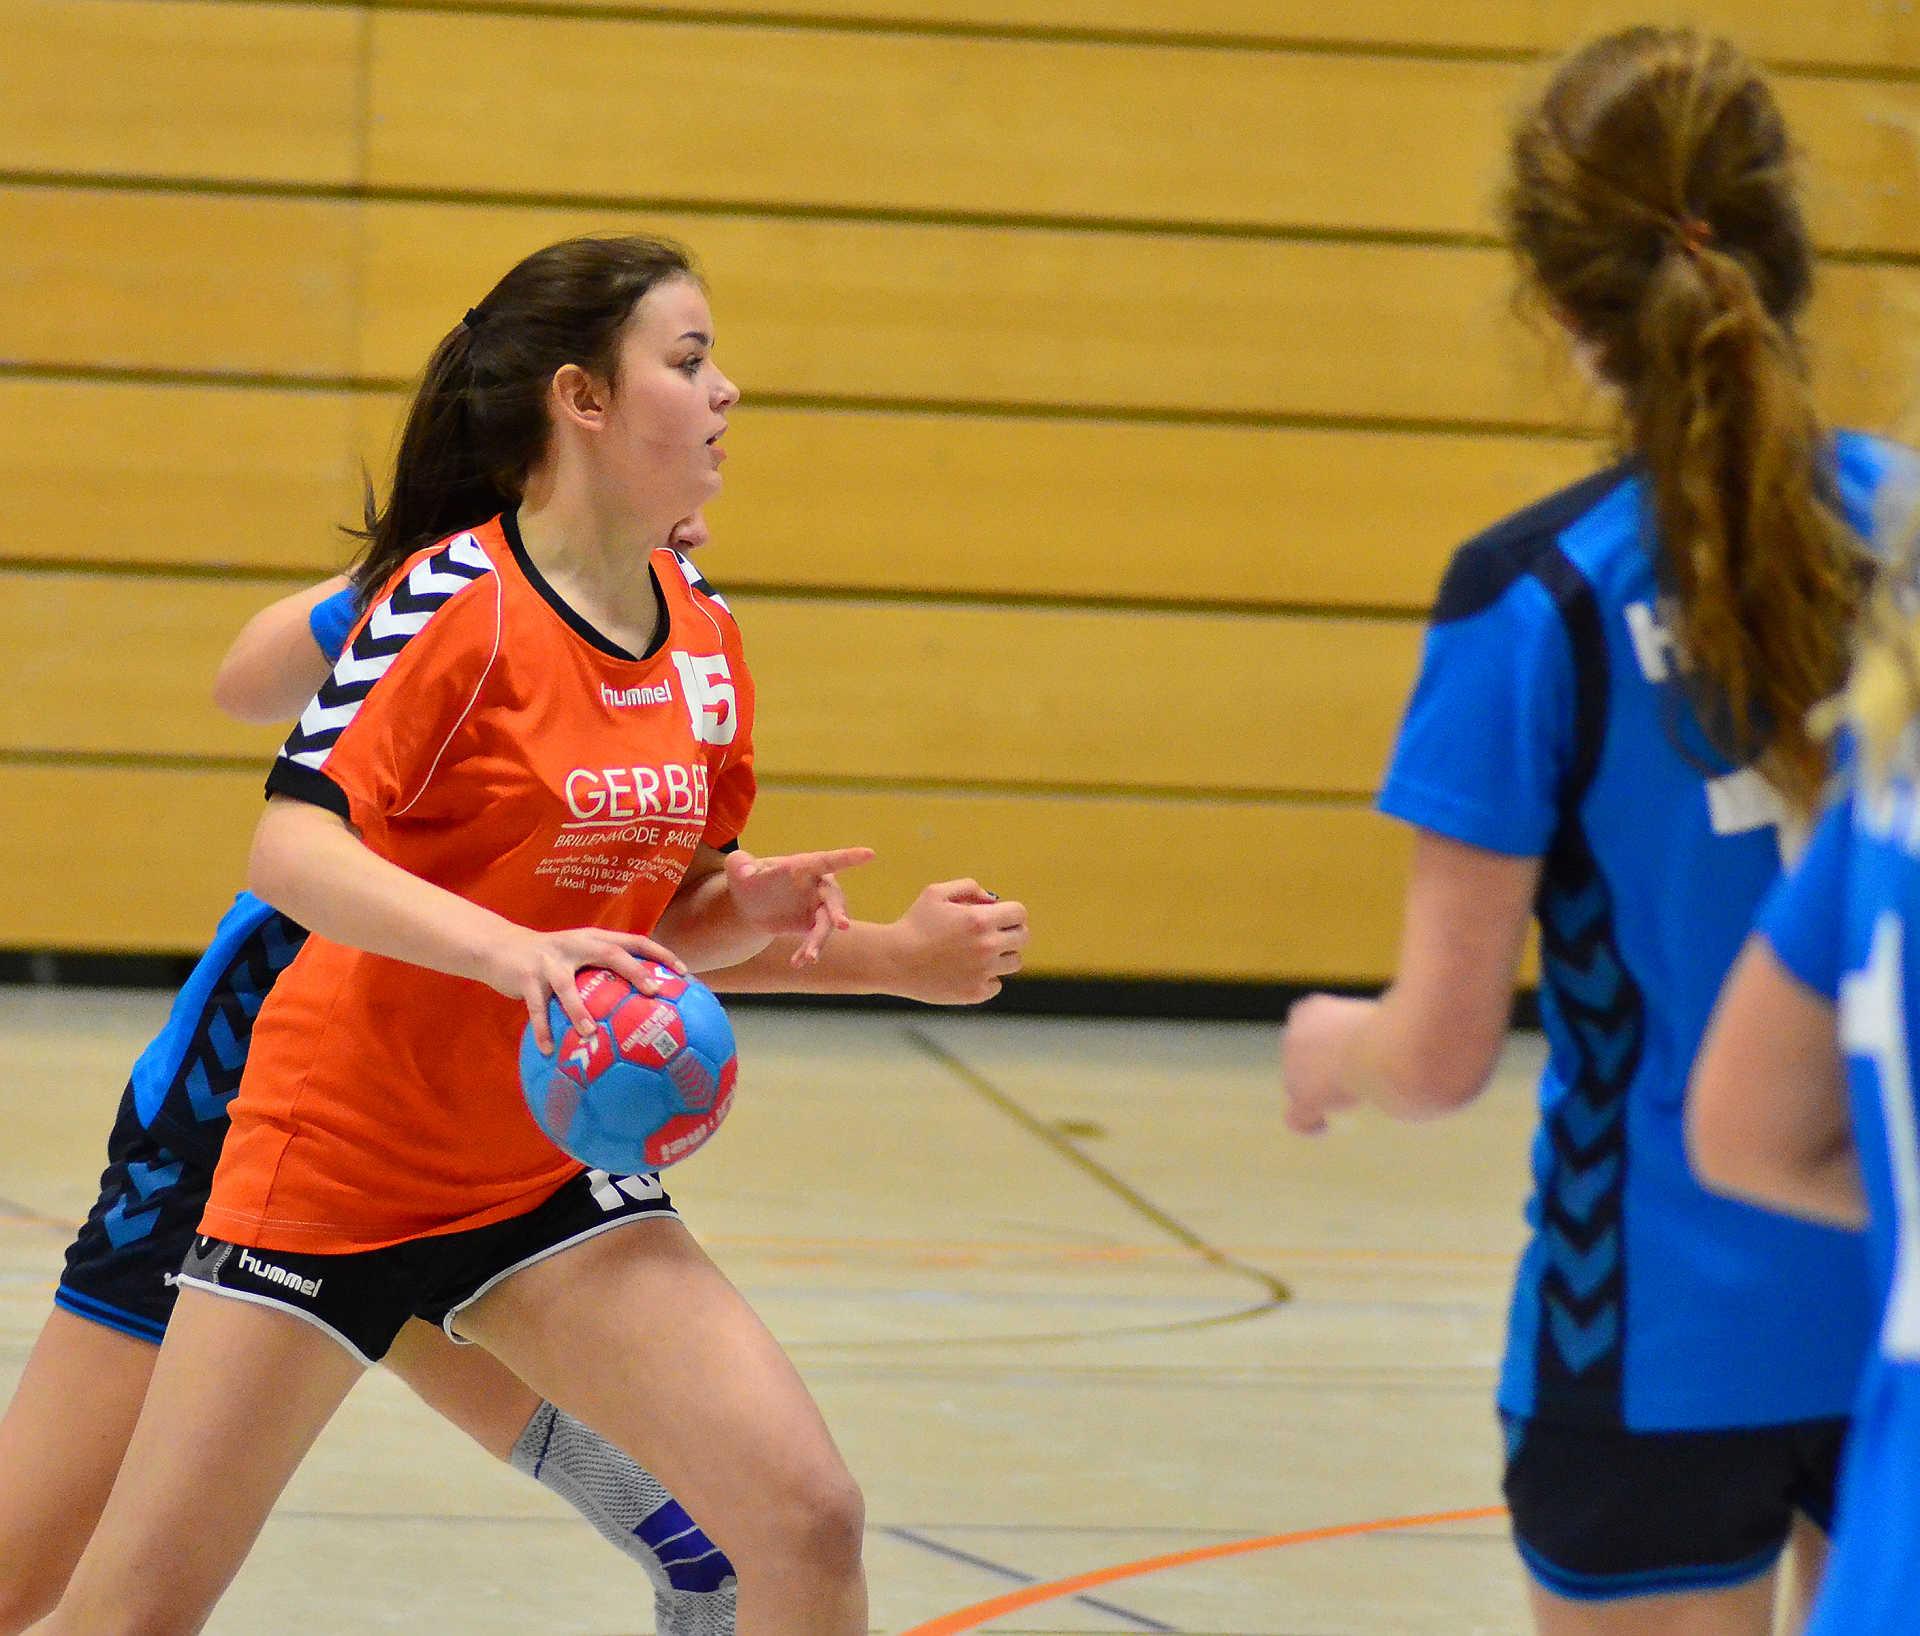 sulzbach rosenberg handball